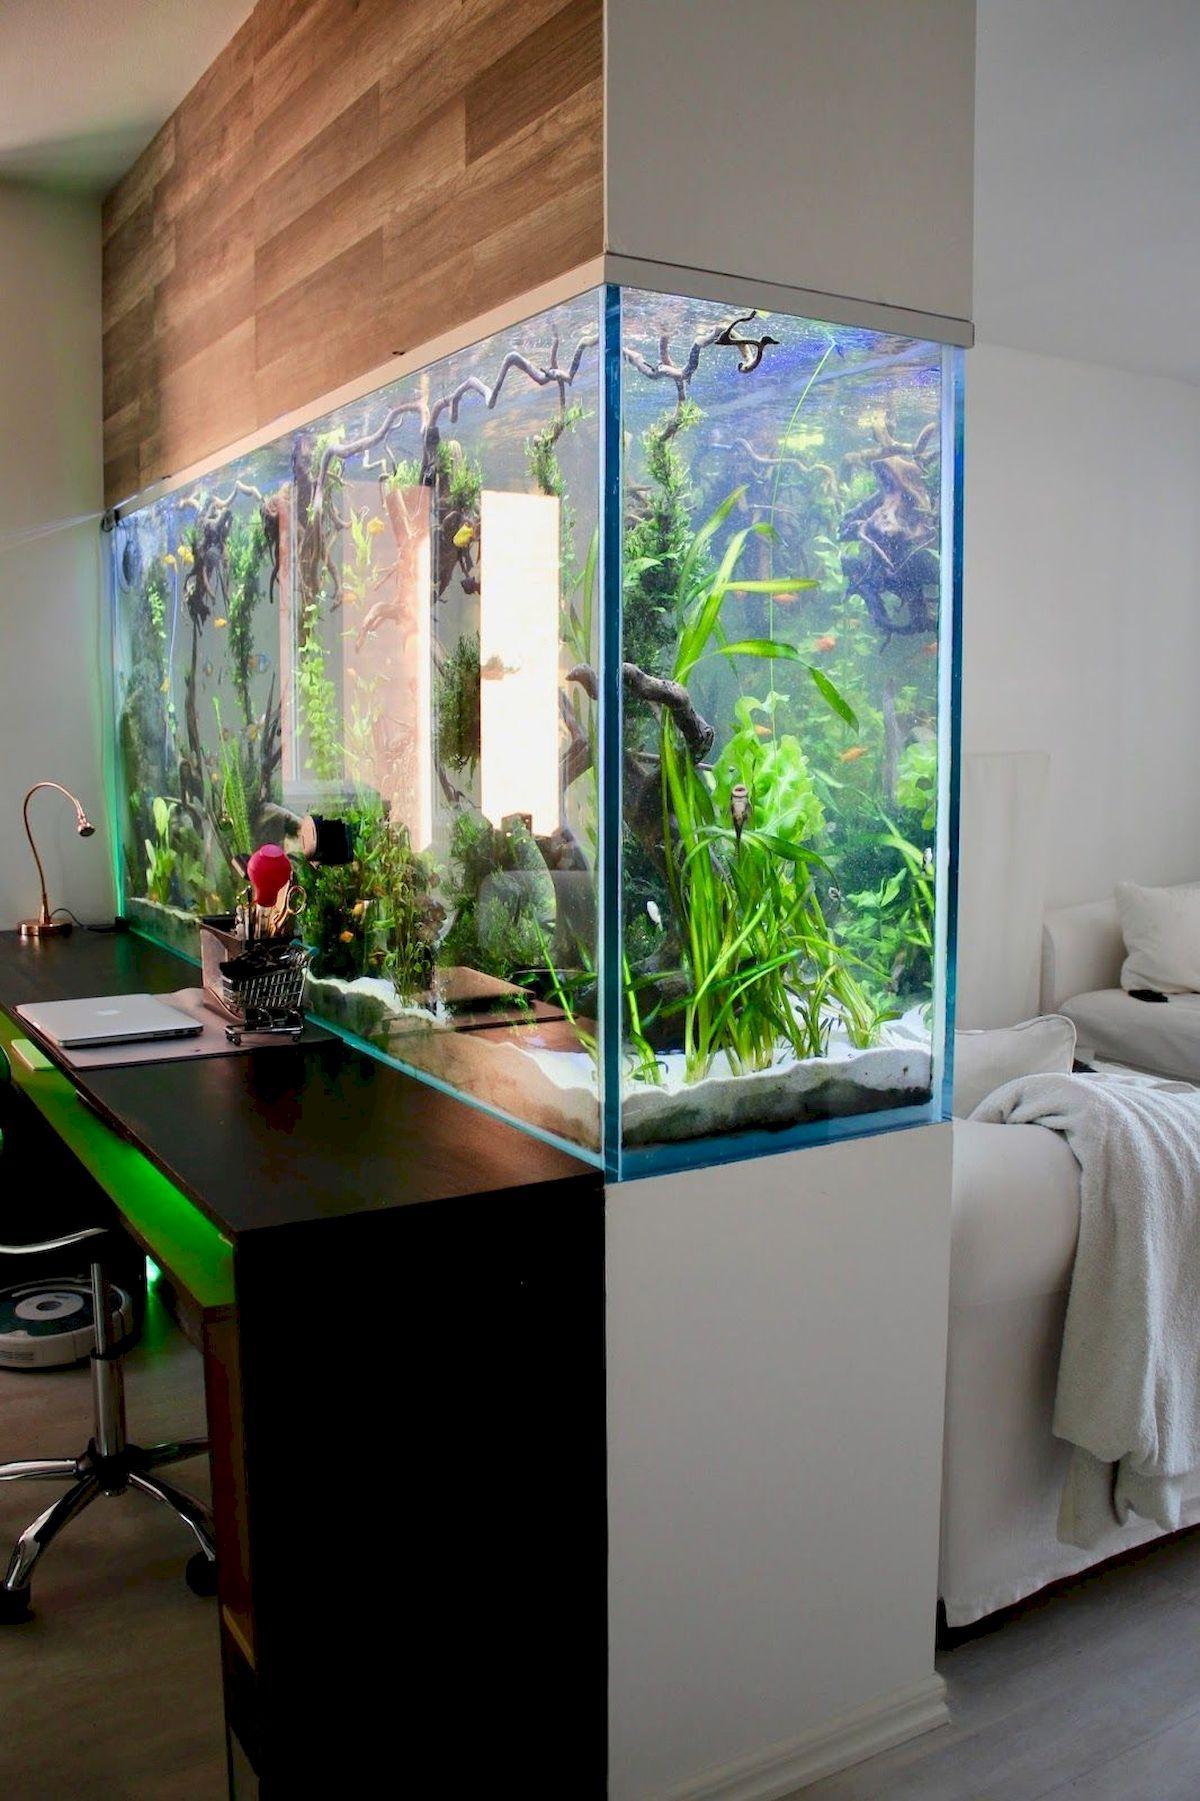 Home Aquarium, Aquarium Design, Wall Aquarium